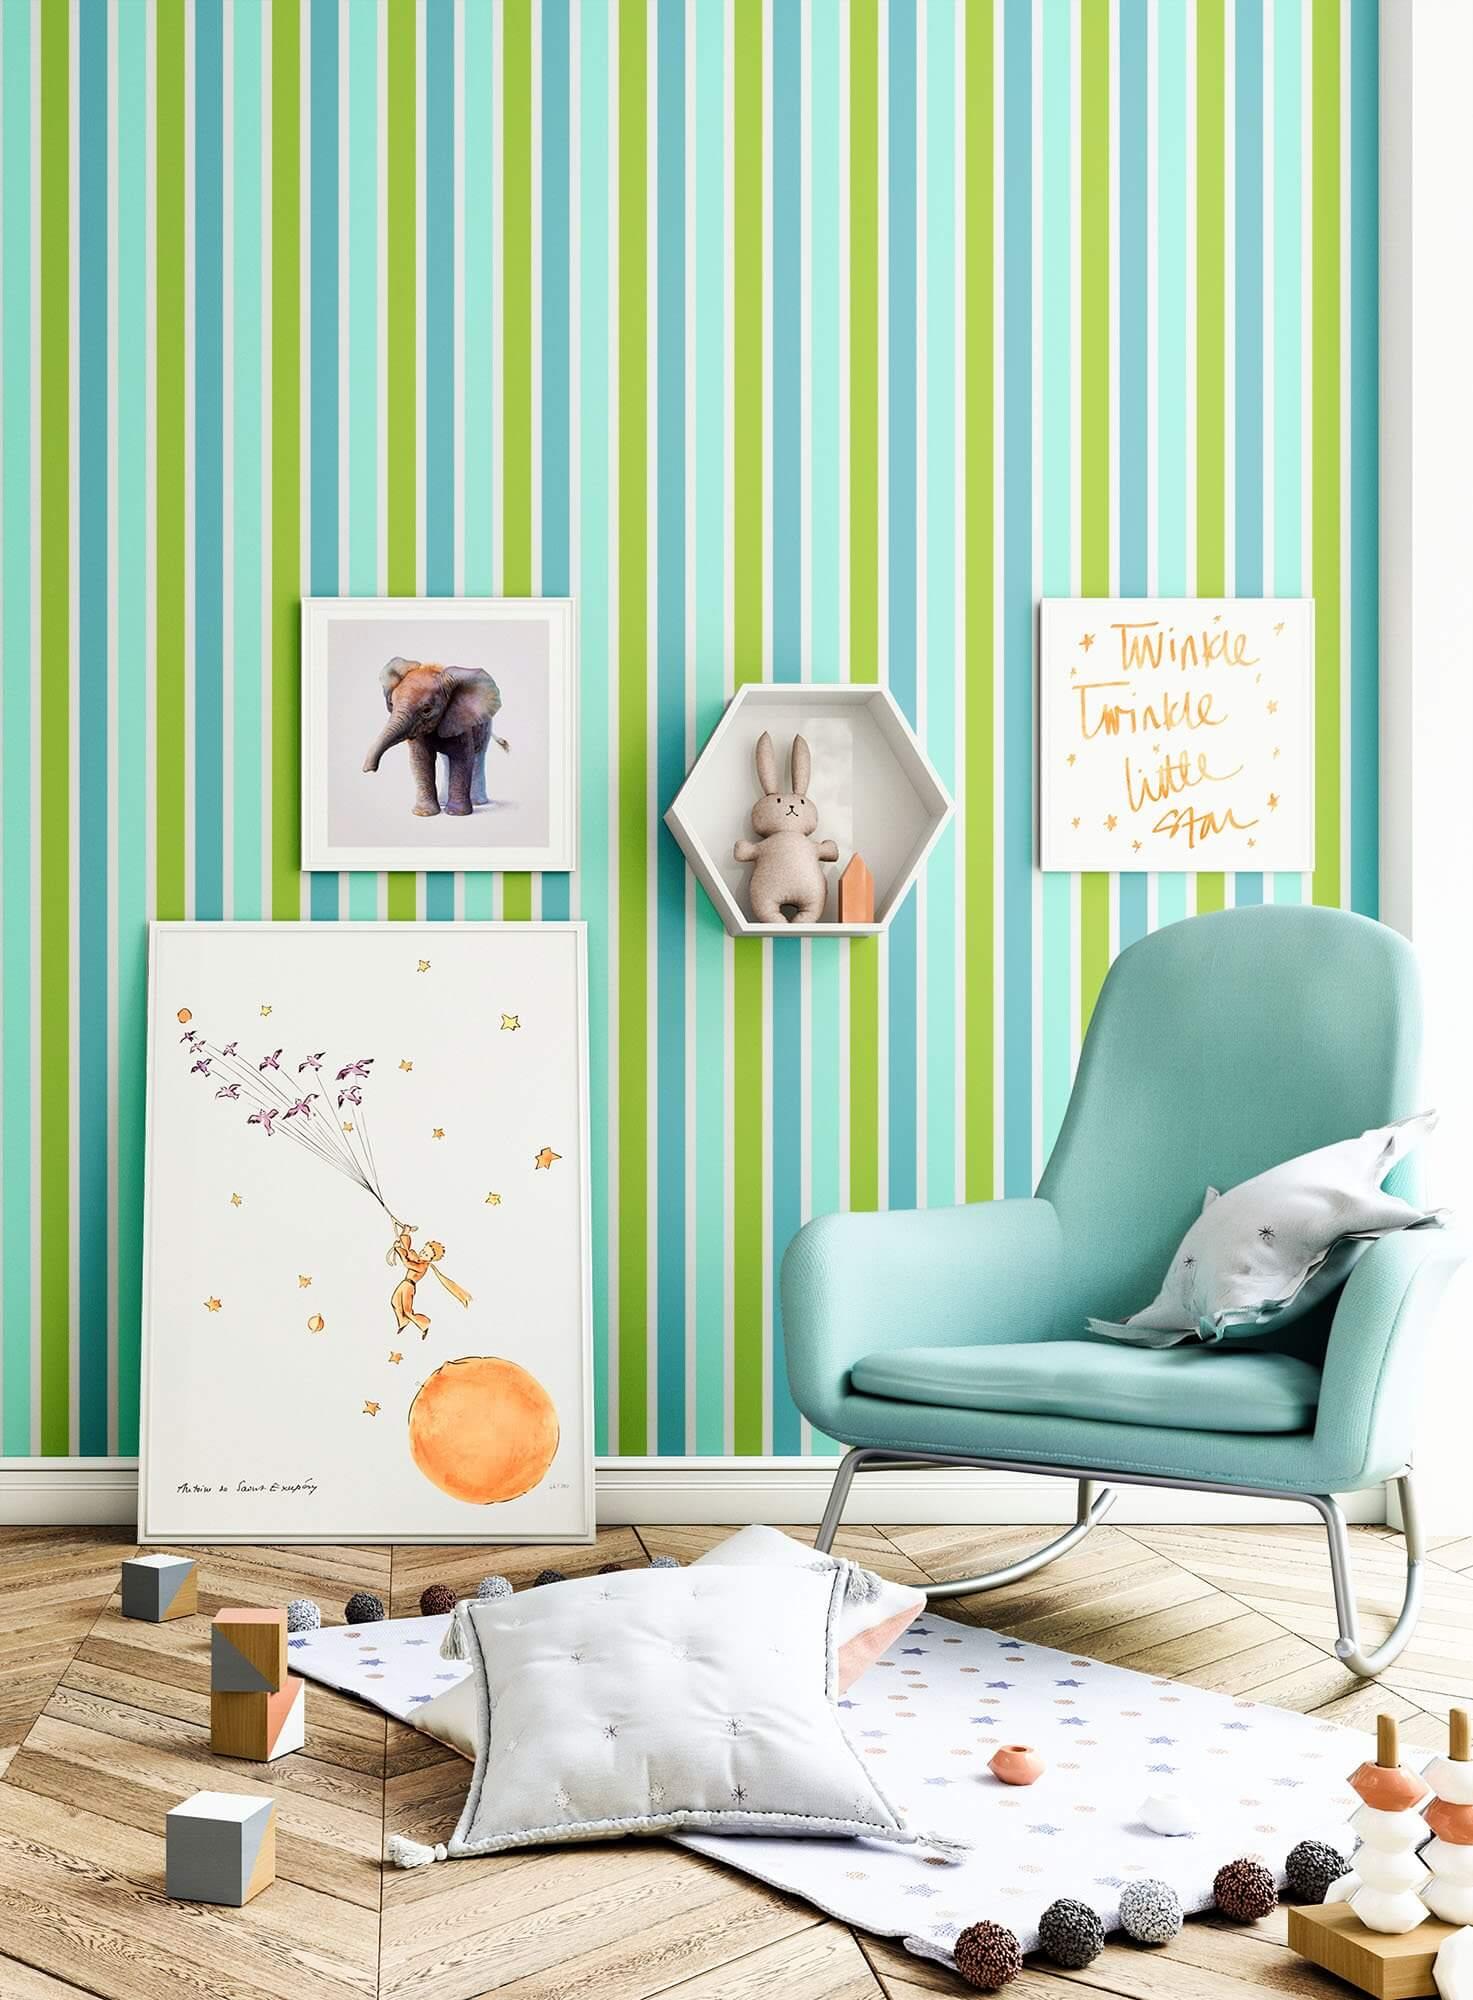 Vliestapete - Grün - Kinder - - Streifen - Kinderzimmer - newroom